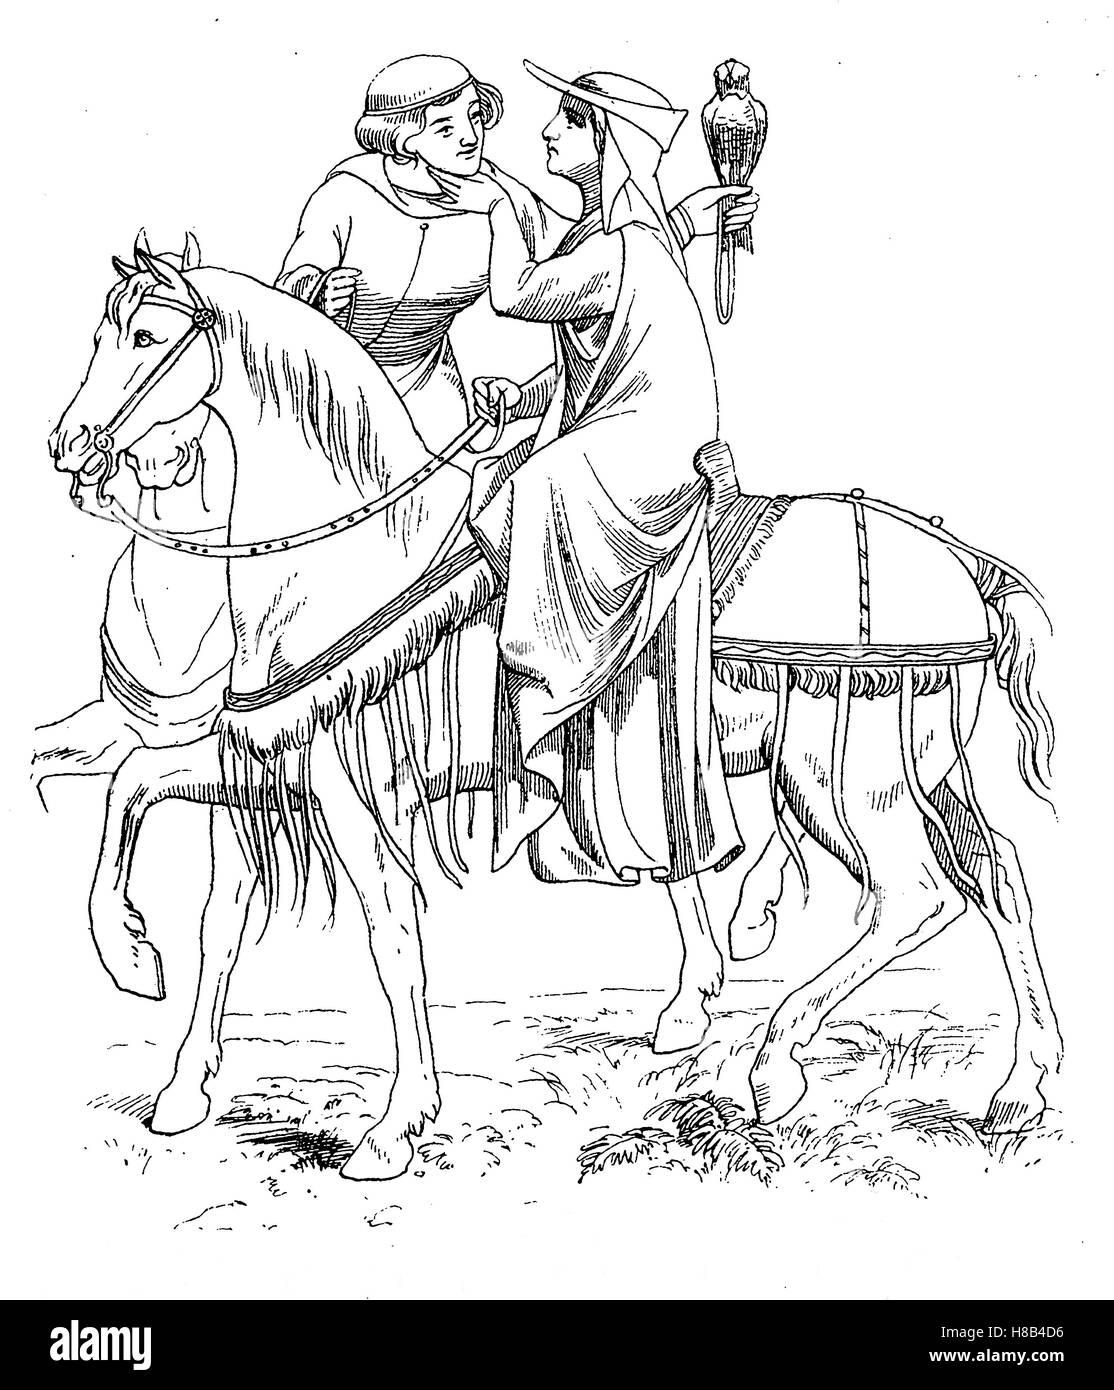 Huntsman et maîtresse, début 14. siècle, Histoire de la mode, des costumes story Photo Stock